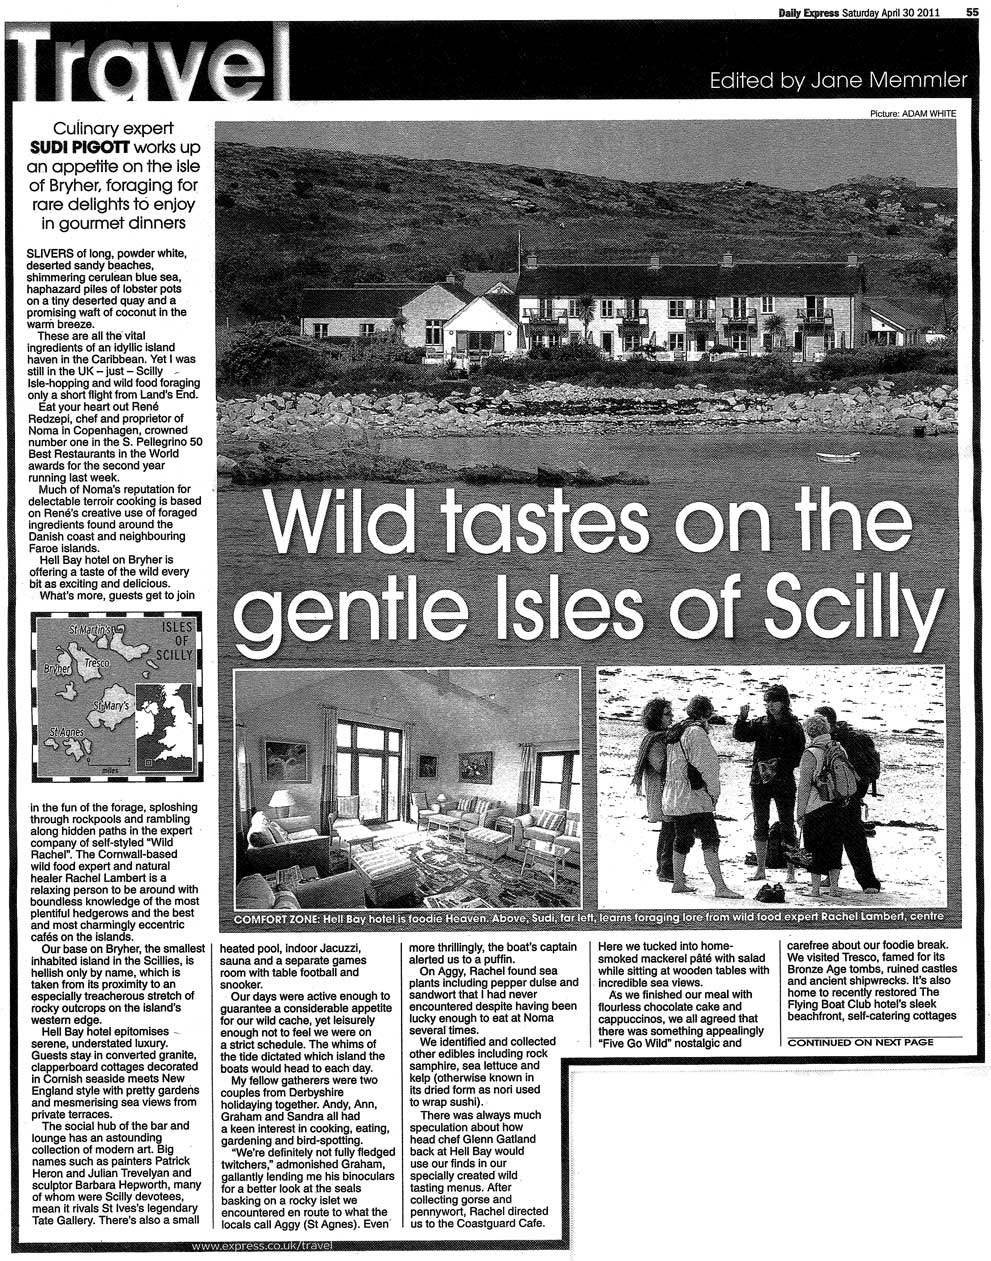 Daily Express, May 2011